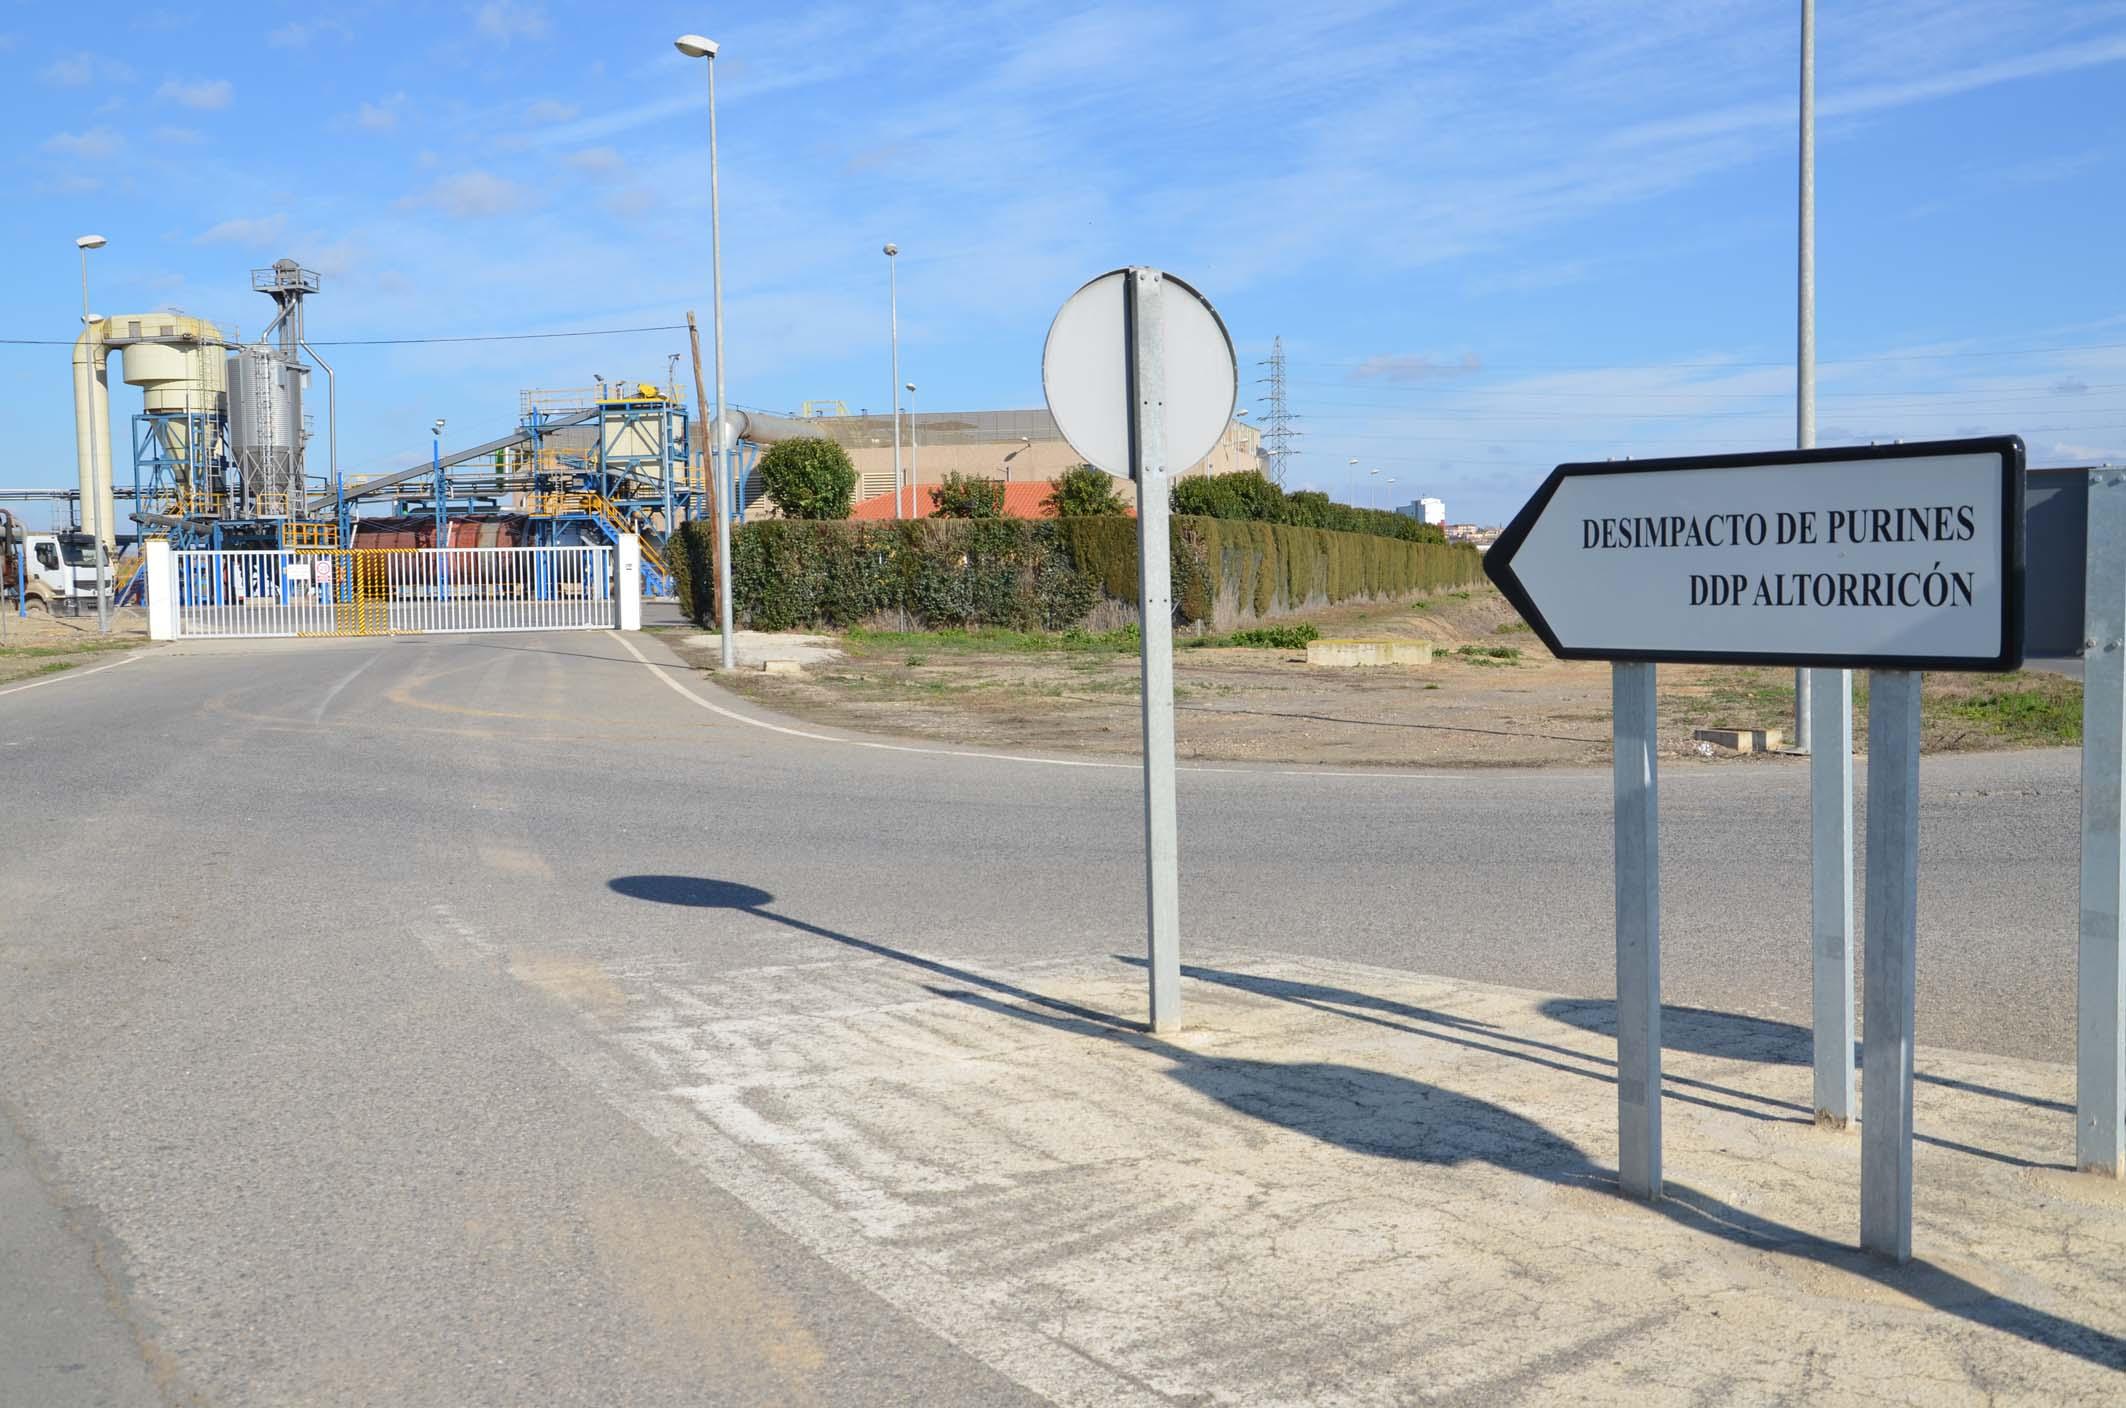 Continúa parada la planta de purines de Altorricón